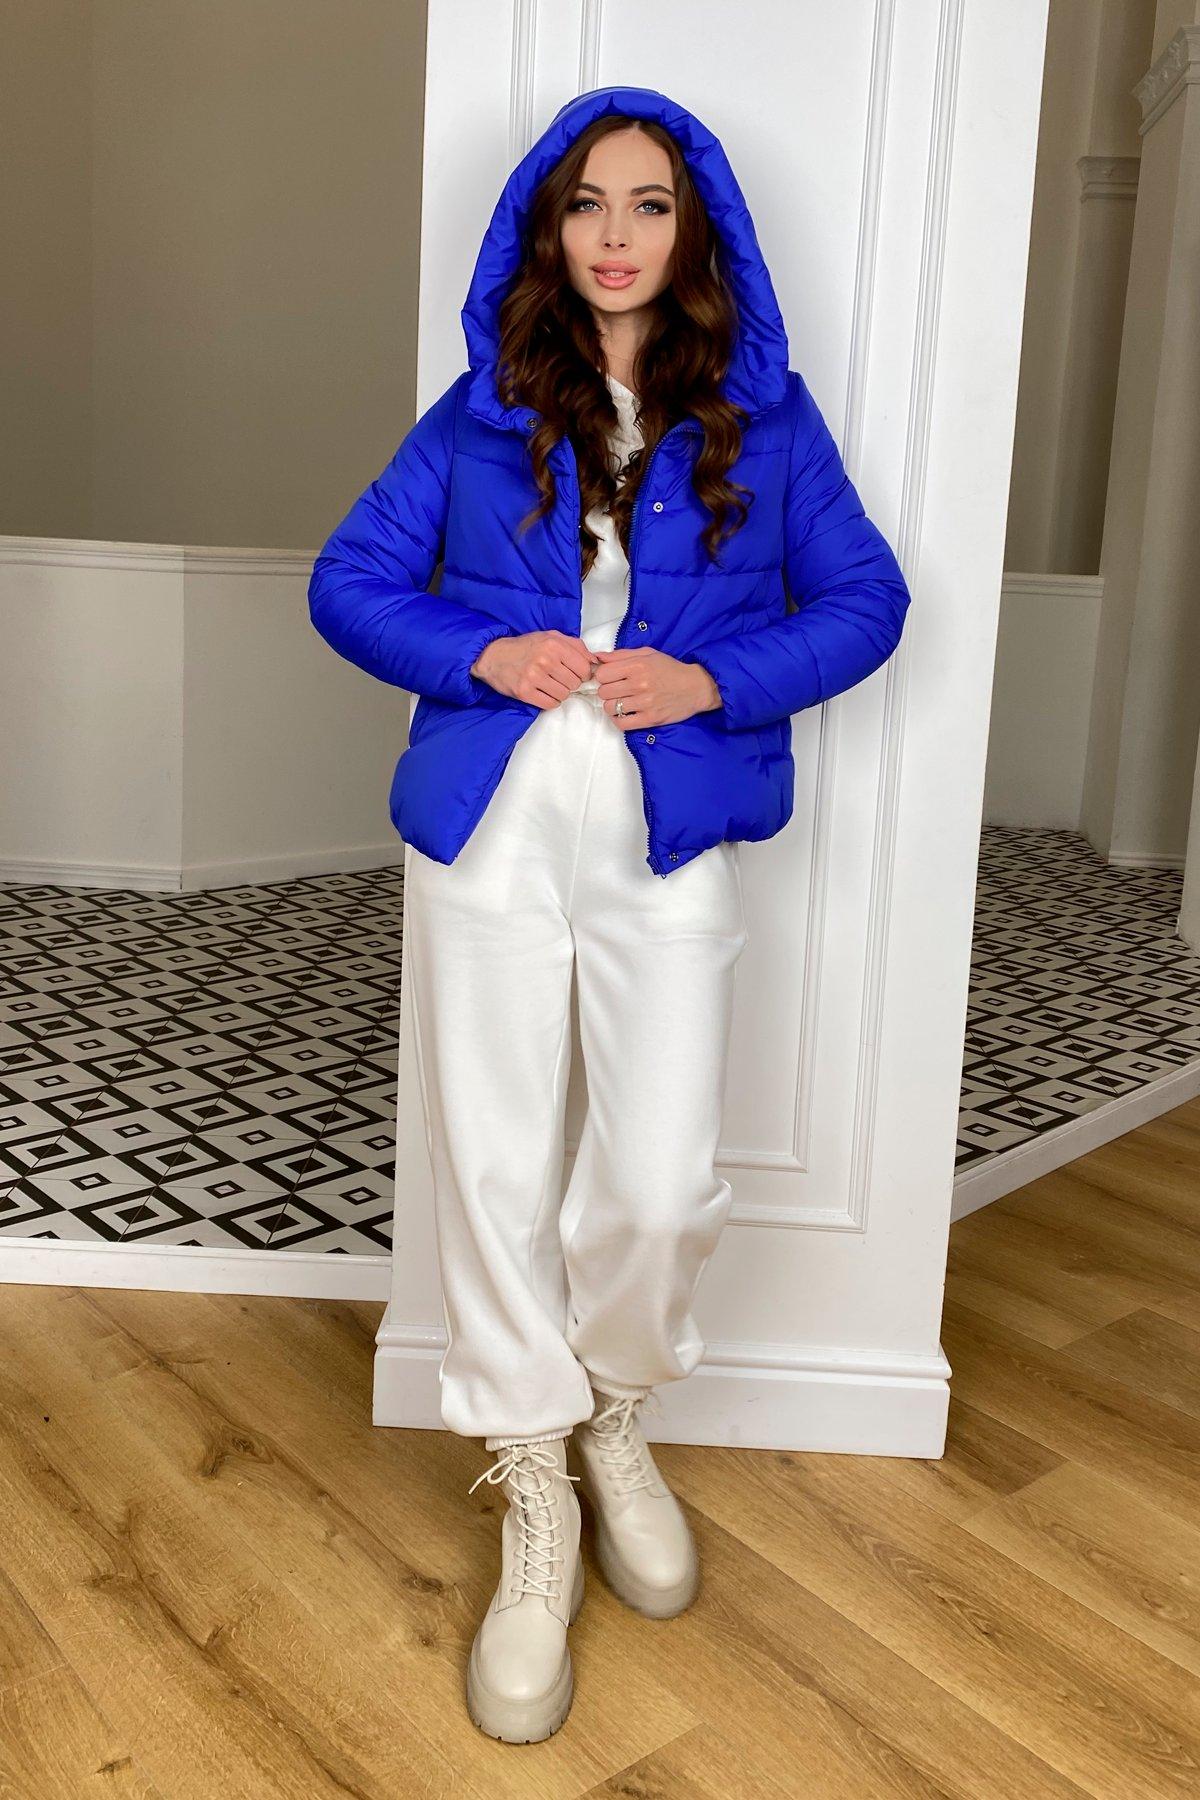 Рито  куртка из плащевой ткани Ammy  10443 АРТ. 46765 Цвет: Электрик 1052 - фото 1, интернет магазин tm-modus.ru